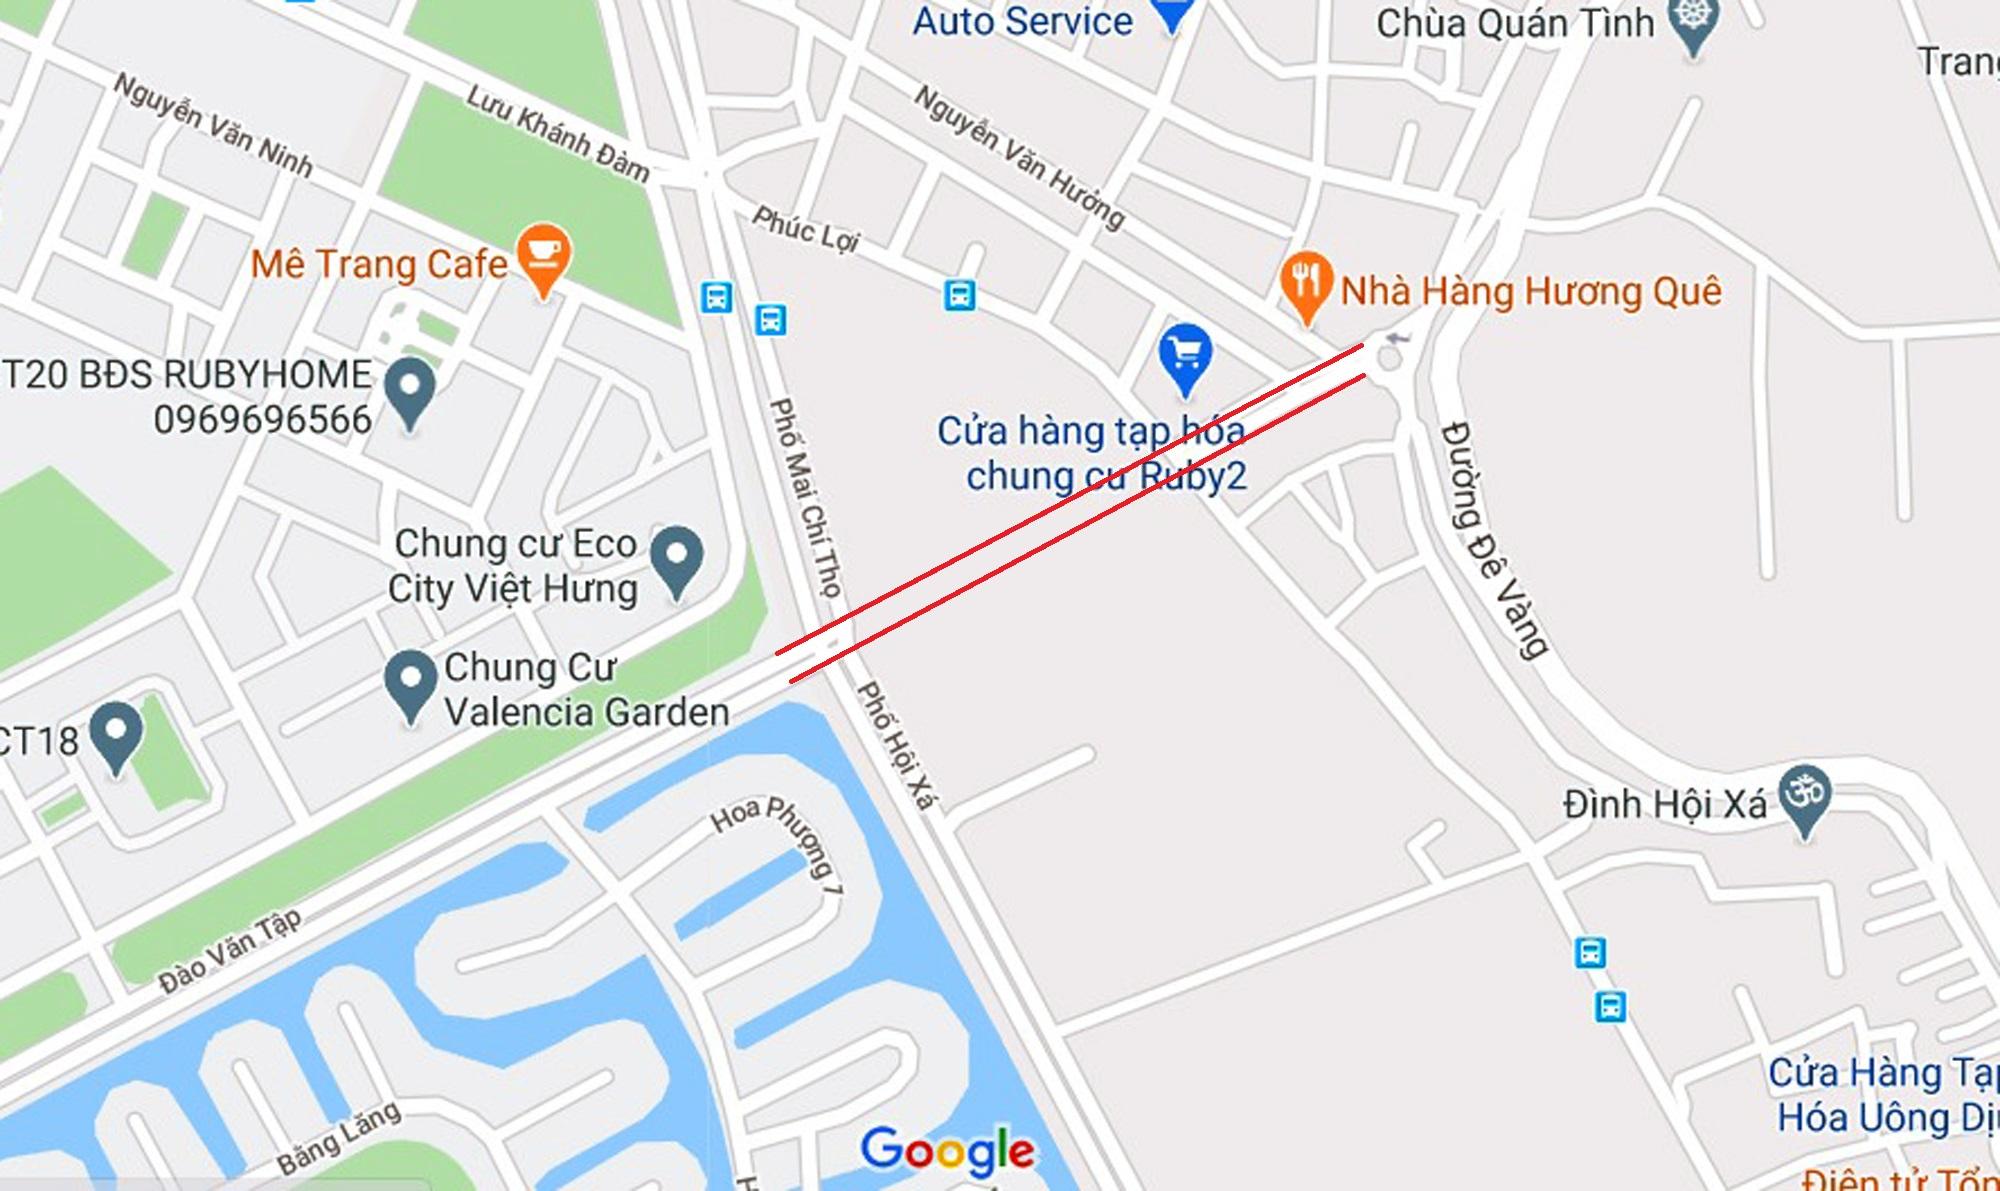 4 đường sẽ mở theo qui hoạch ở phường Giang Biên, Long Biên, Hà Nội - Ảnh 8.